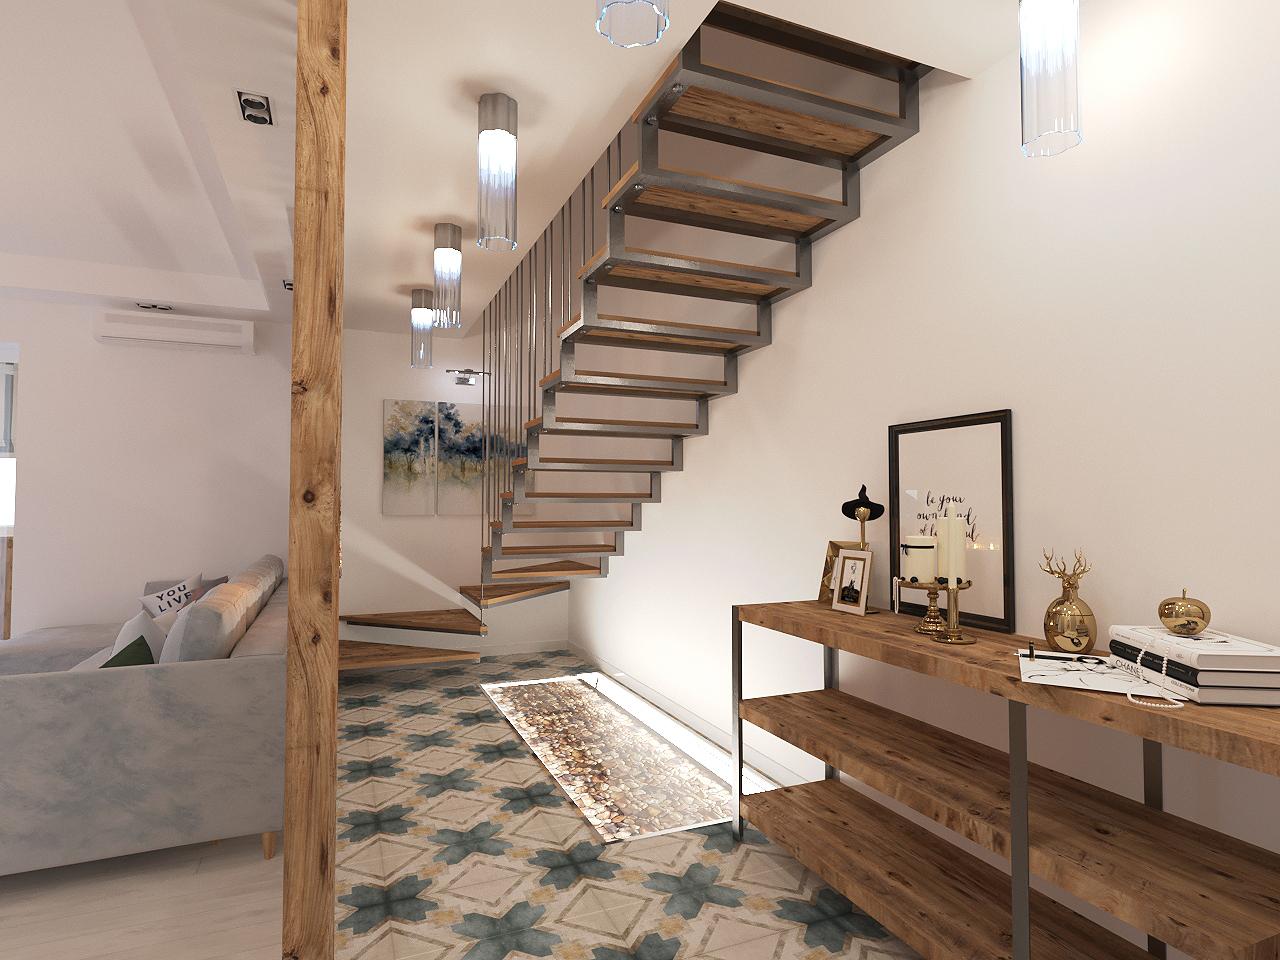 Дизайн проект интерьера первого уровня квартиры 69,9 м.кв. фото f_1345a857e1a54cfb.jpg